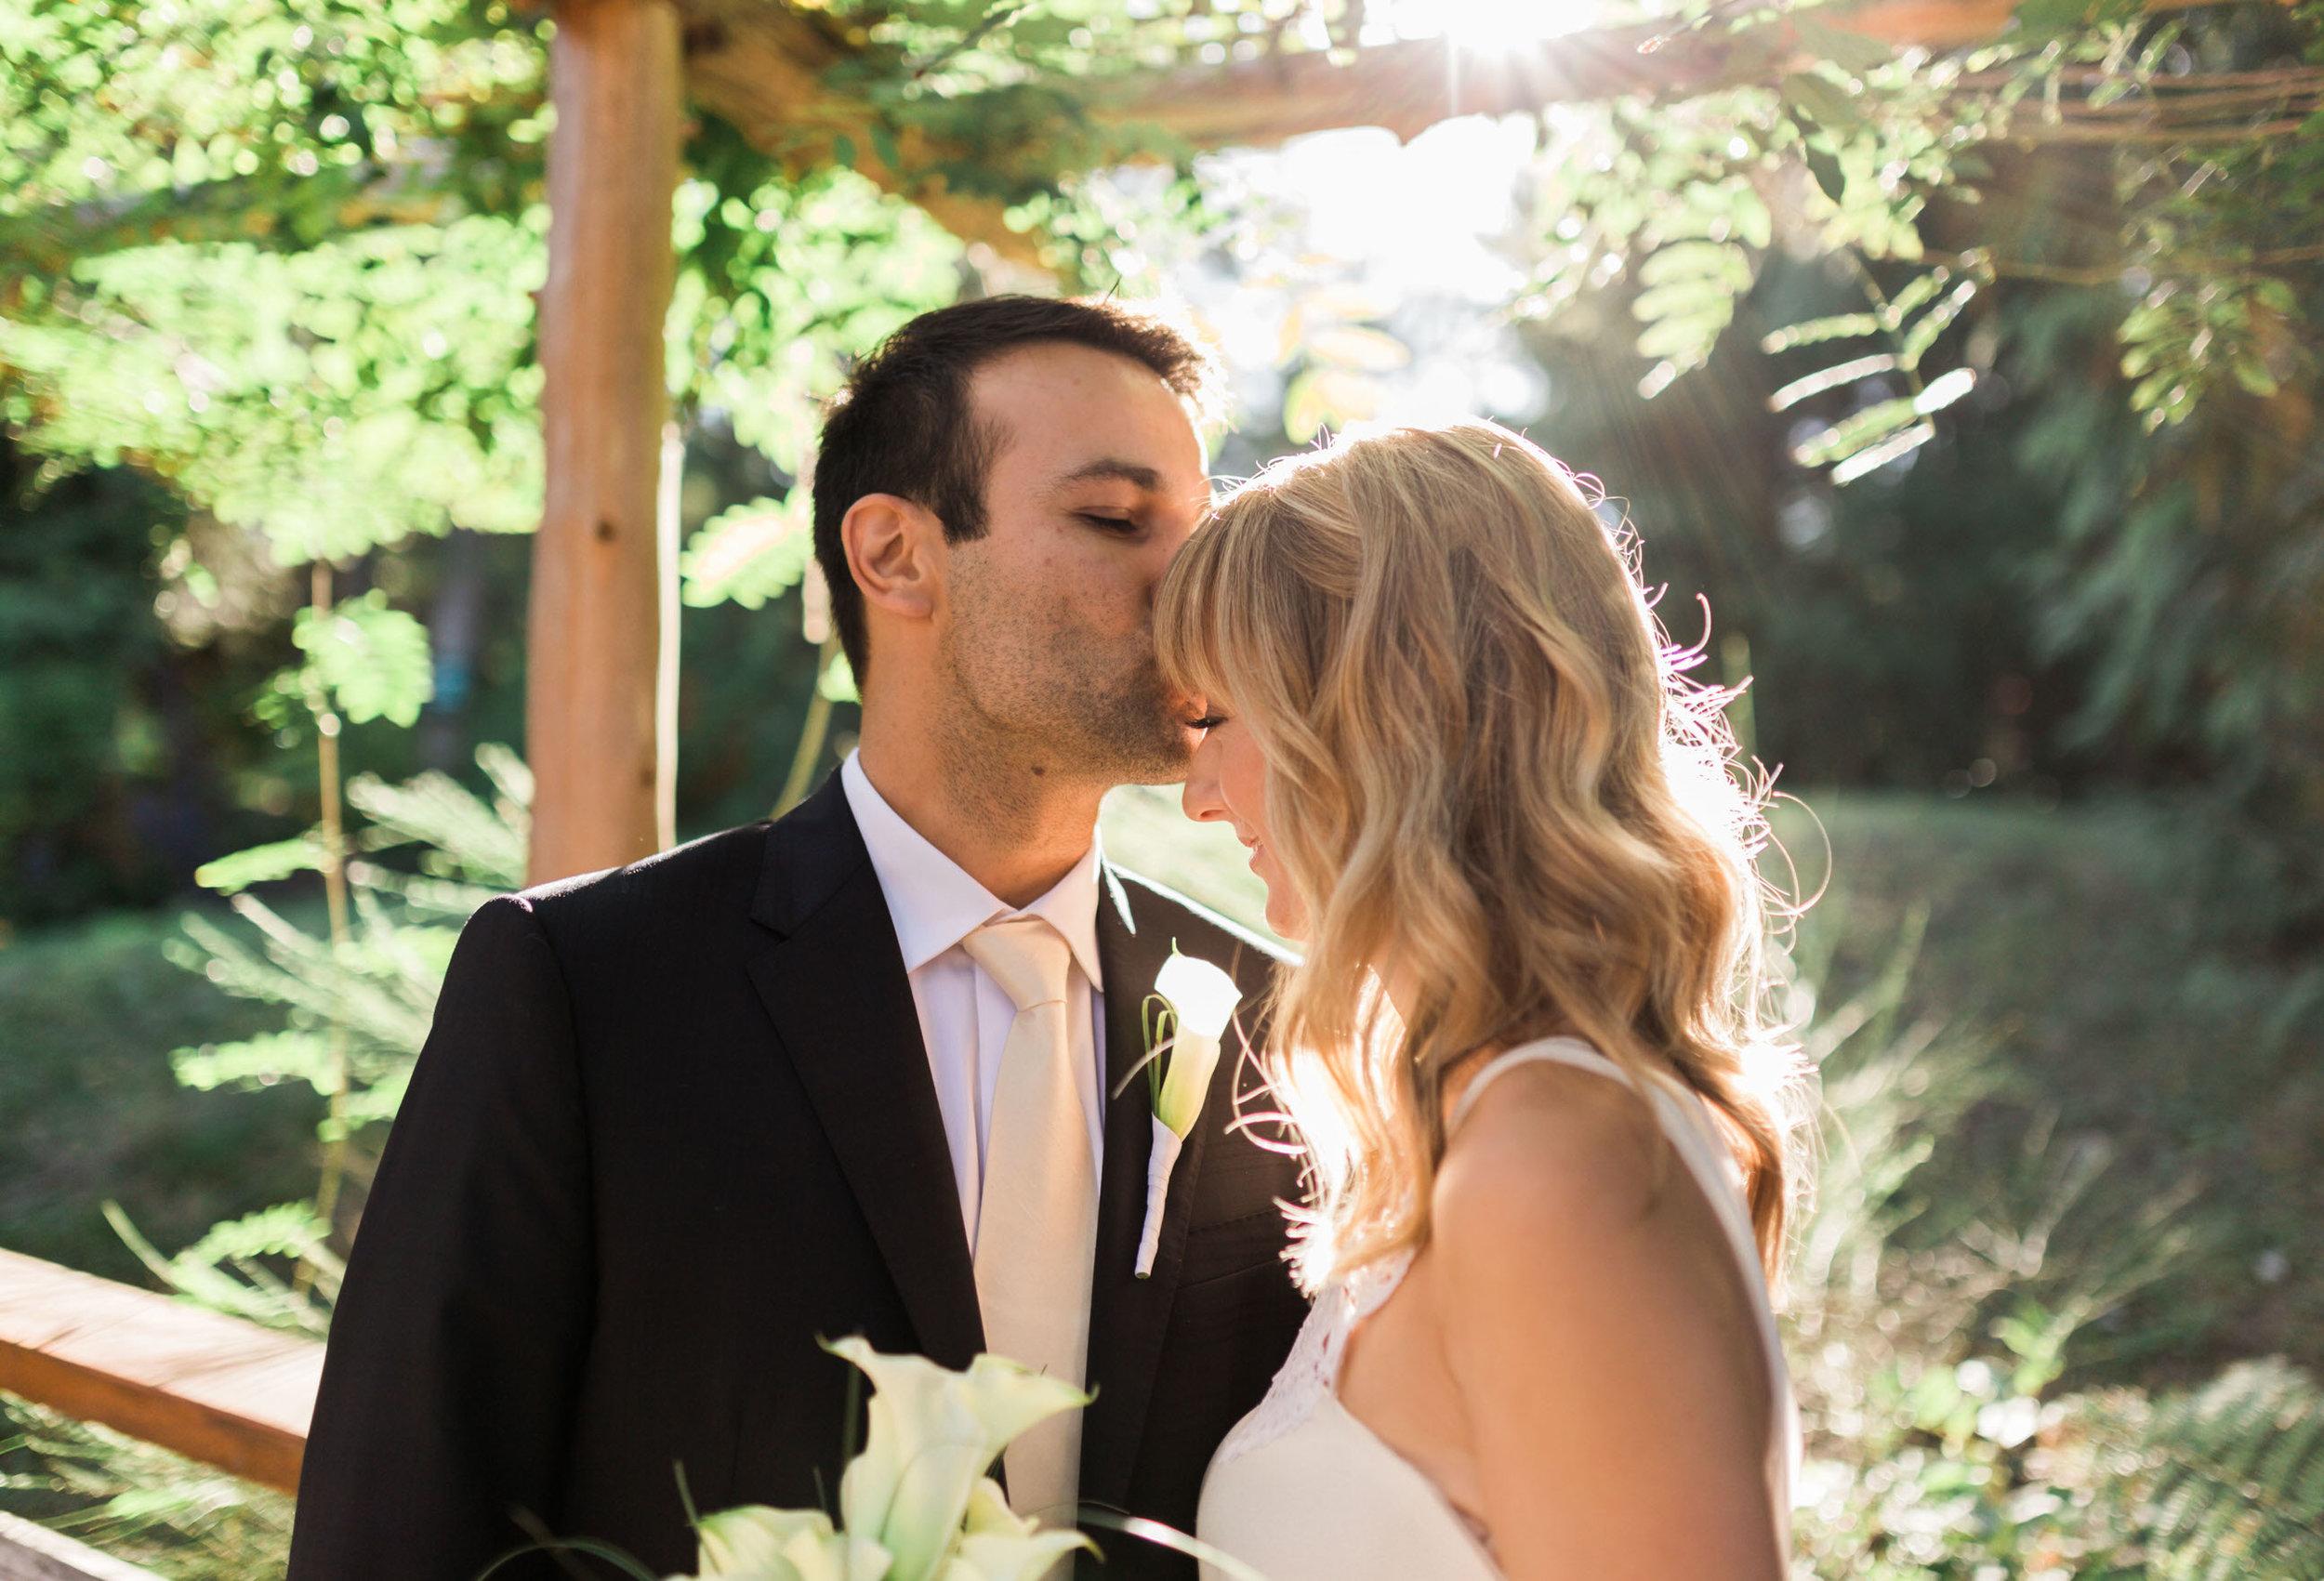 Sunshine Coast Wedding Photographer - Vancouver Wedding Photographer - West Coast Wilderness Lodge Wedding - Jennifer Picard Photography - IMG_7250_2.jpg